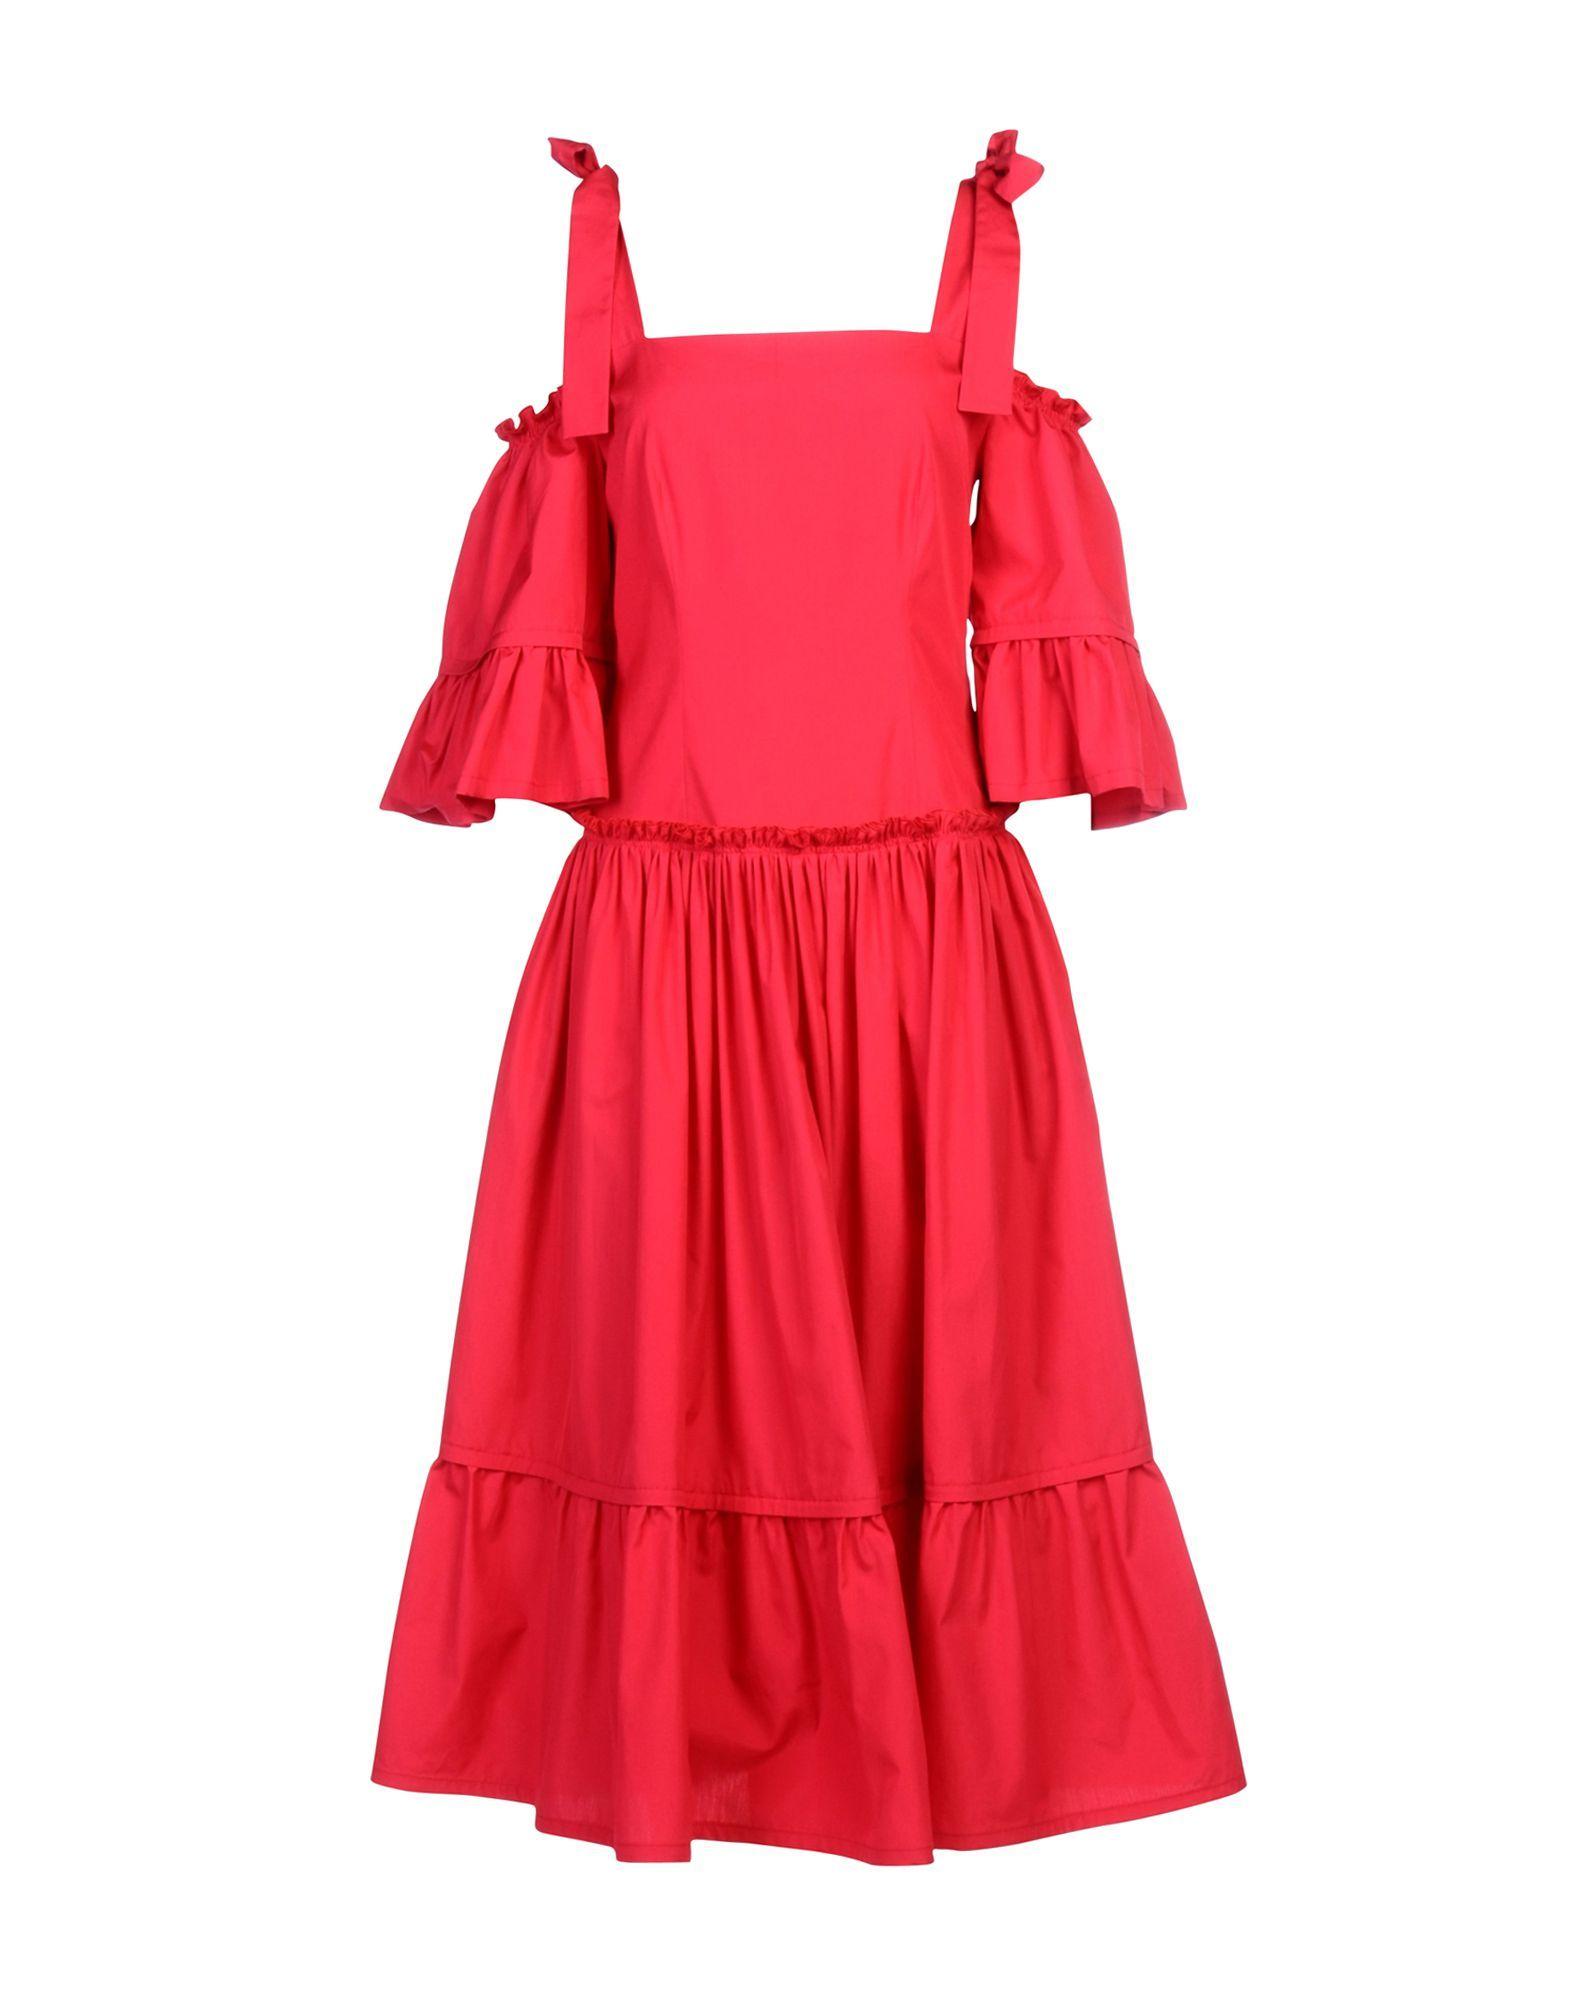 Alberta Ferretti Fuchsia Cotton Dress